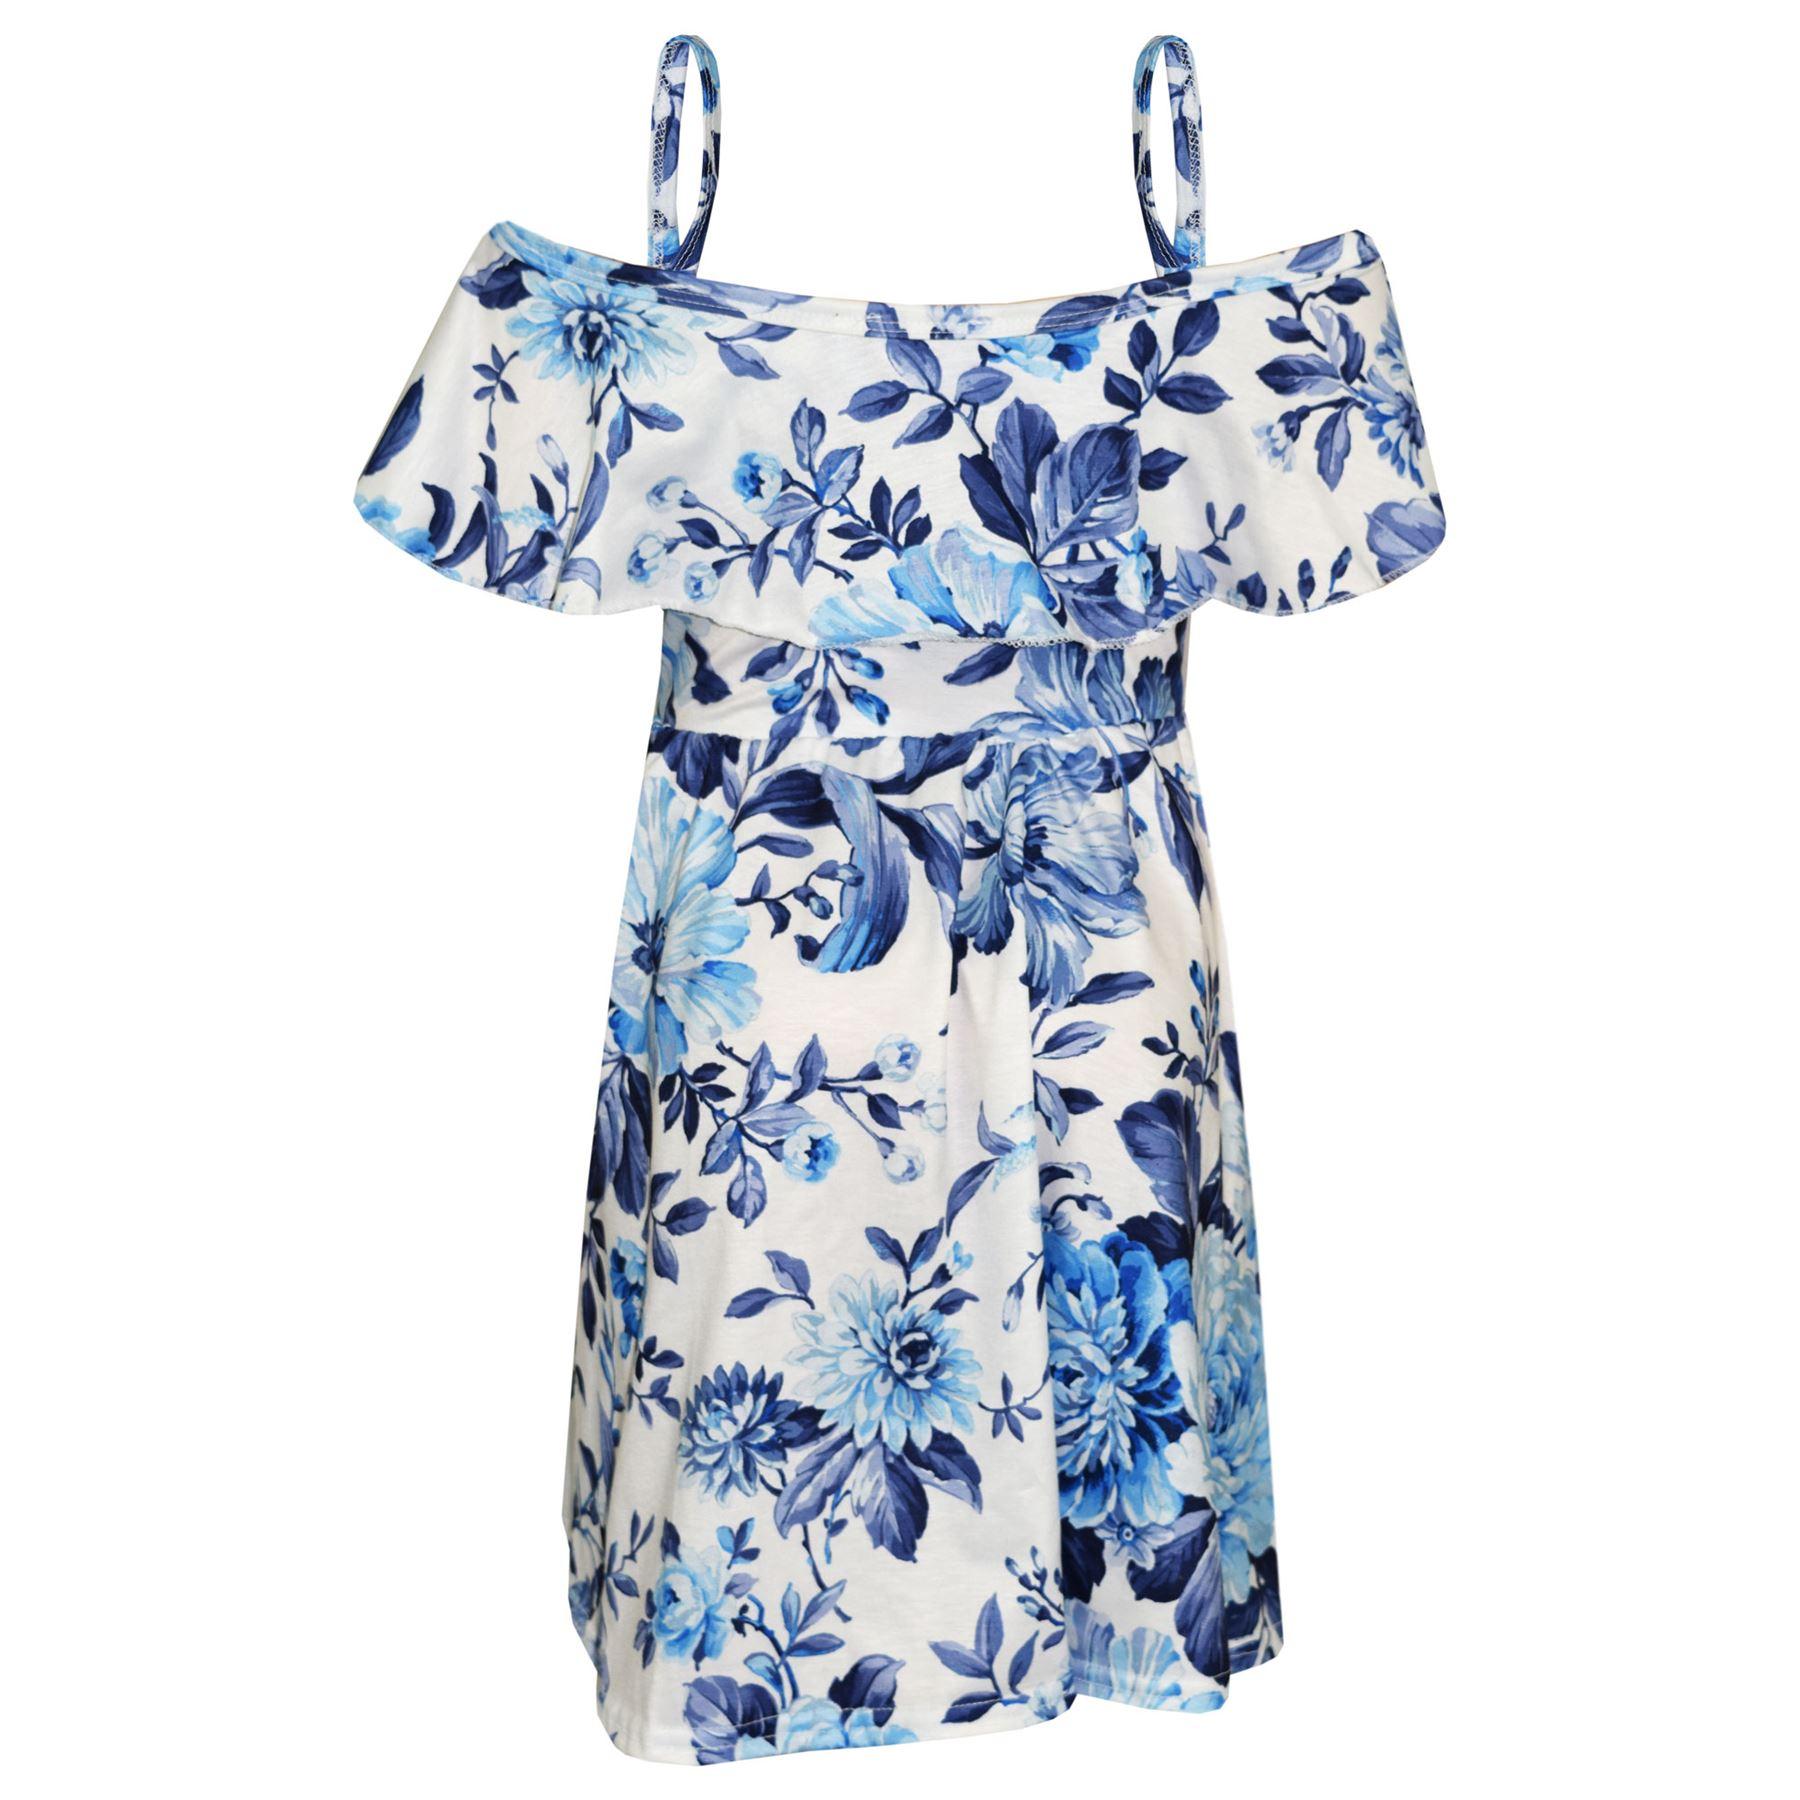 Kids-Girls-Skater-Dress-Floral-Print-Summer-Party-Fashion-Off-Shoulder-Dresses thumbnail 6